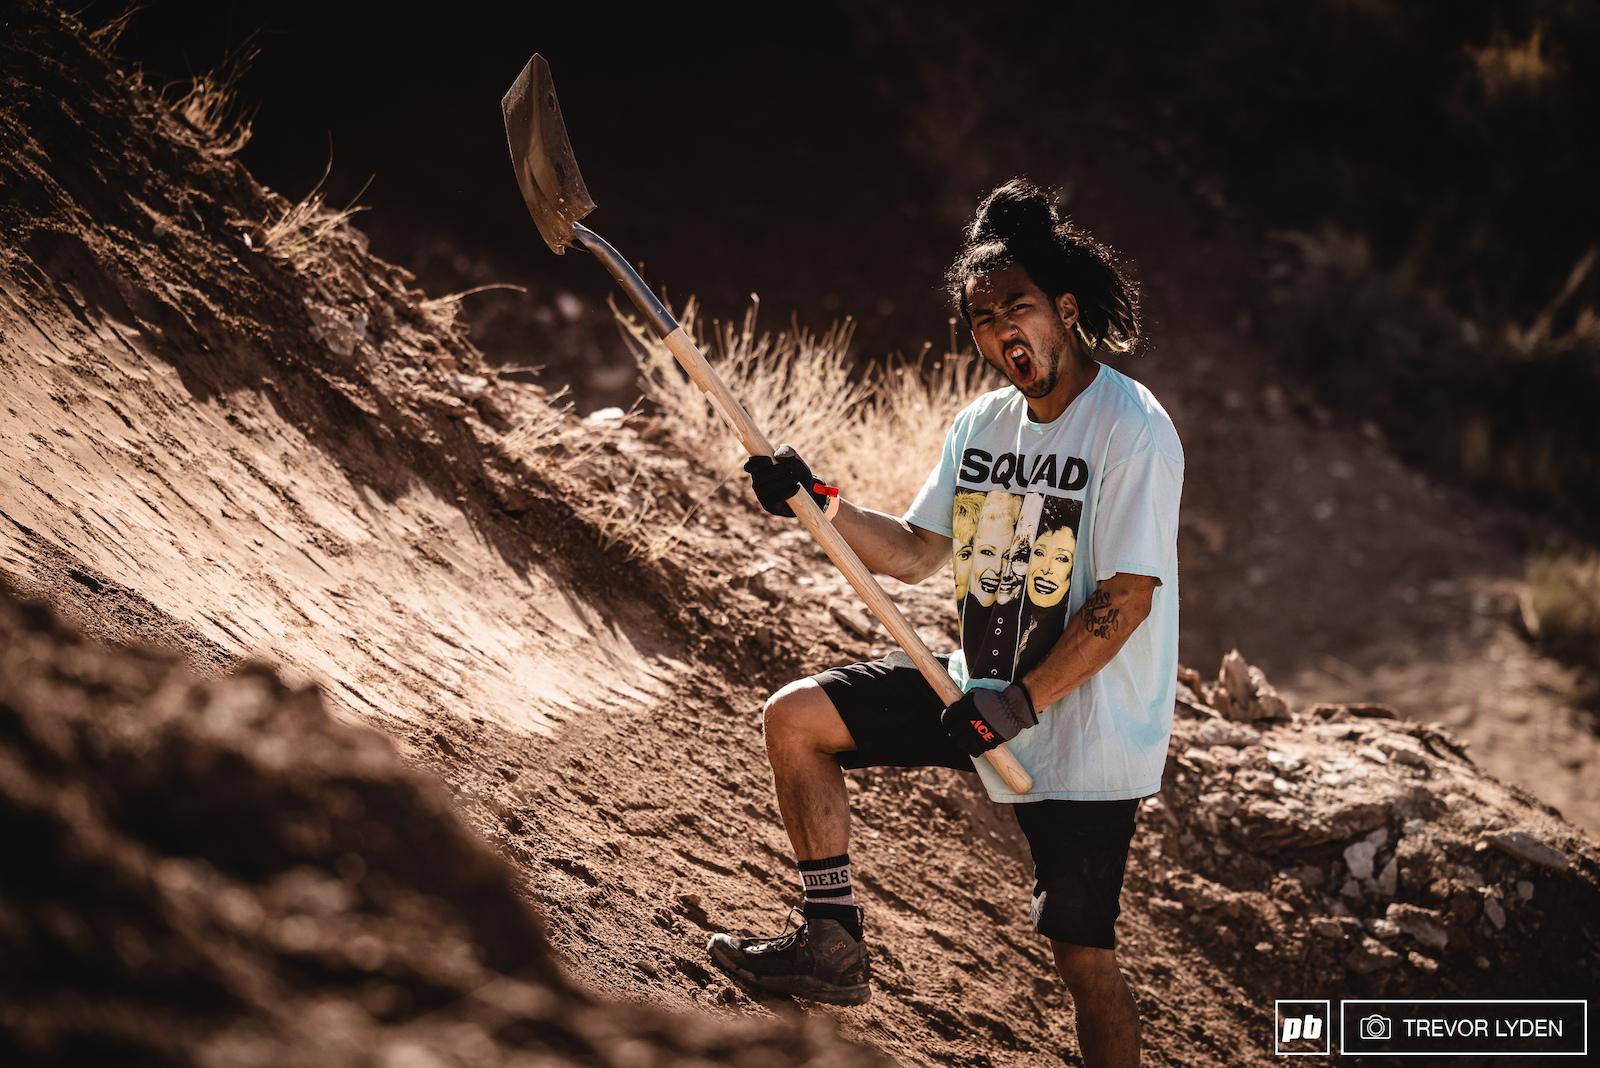 Damon Iwanaga rockin out while digging.